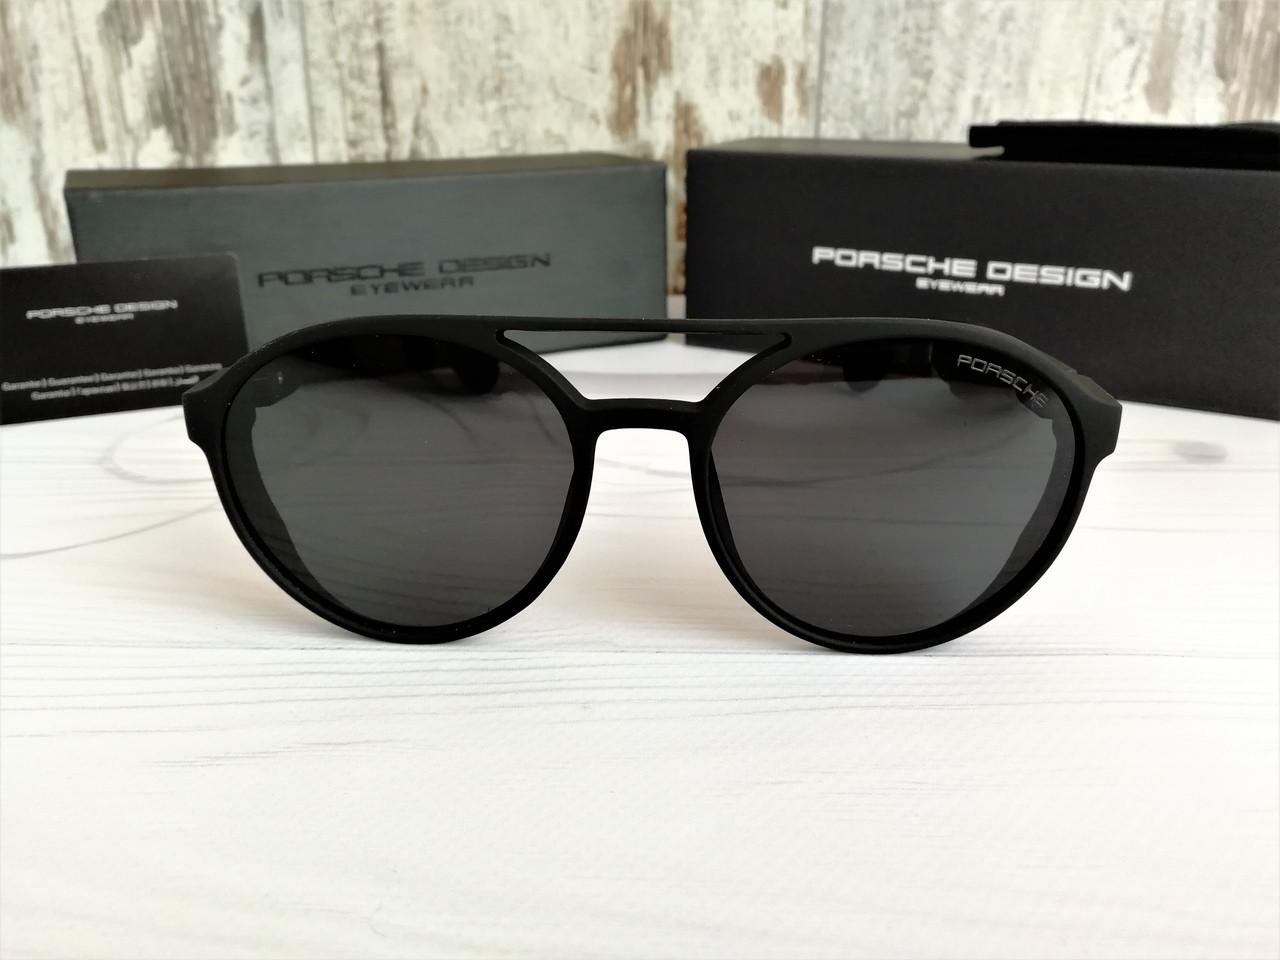 Стильные брендовые солнцезащитные очки с поляризацией Porsche (унисекс) черные